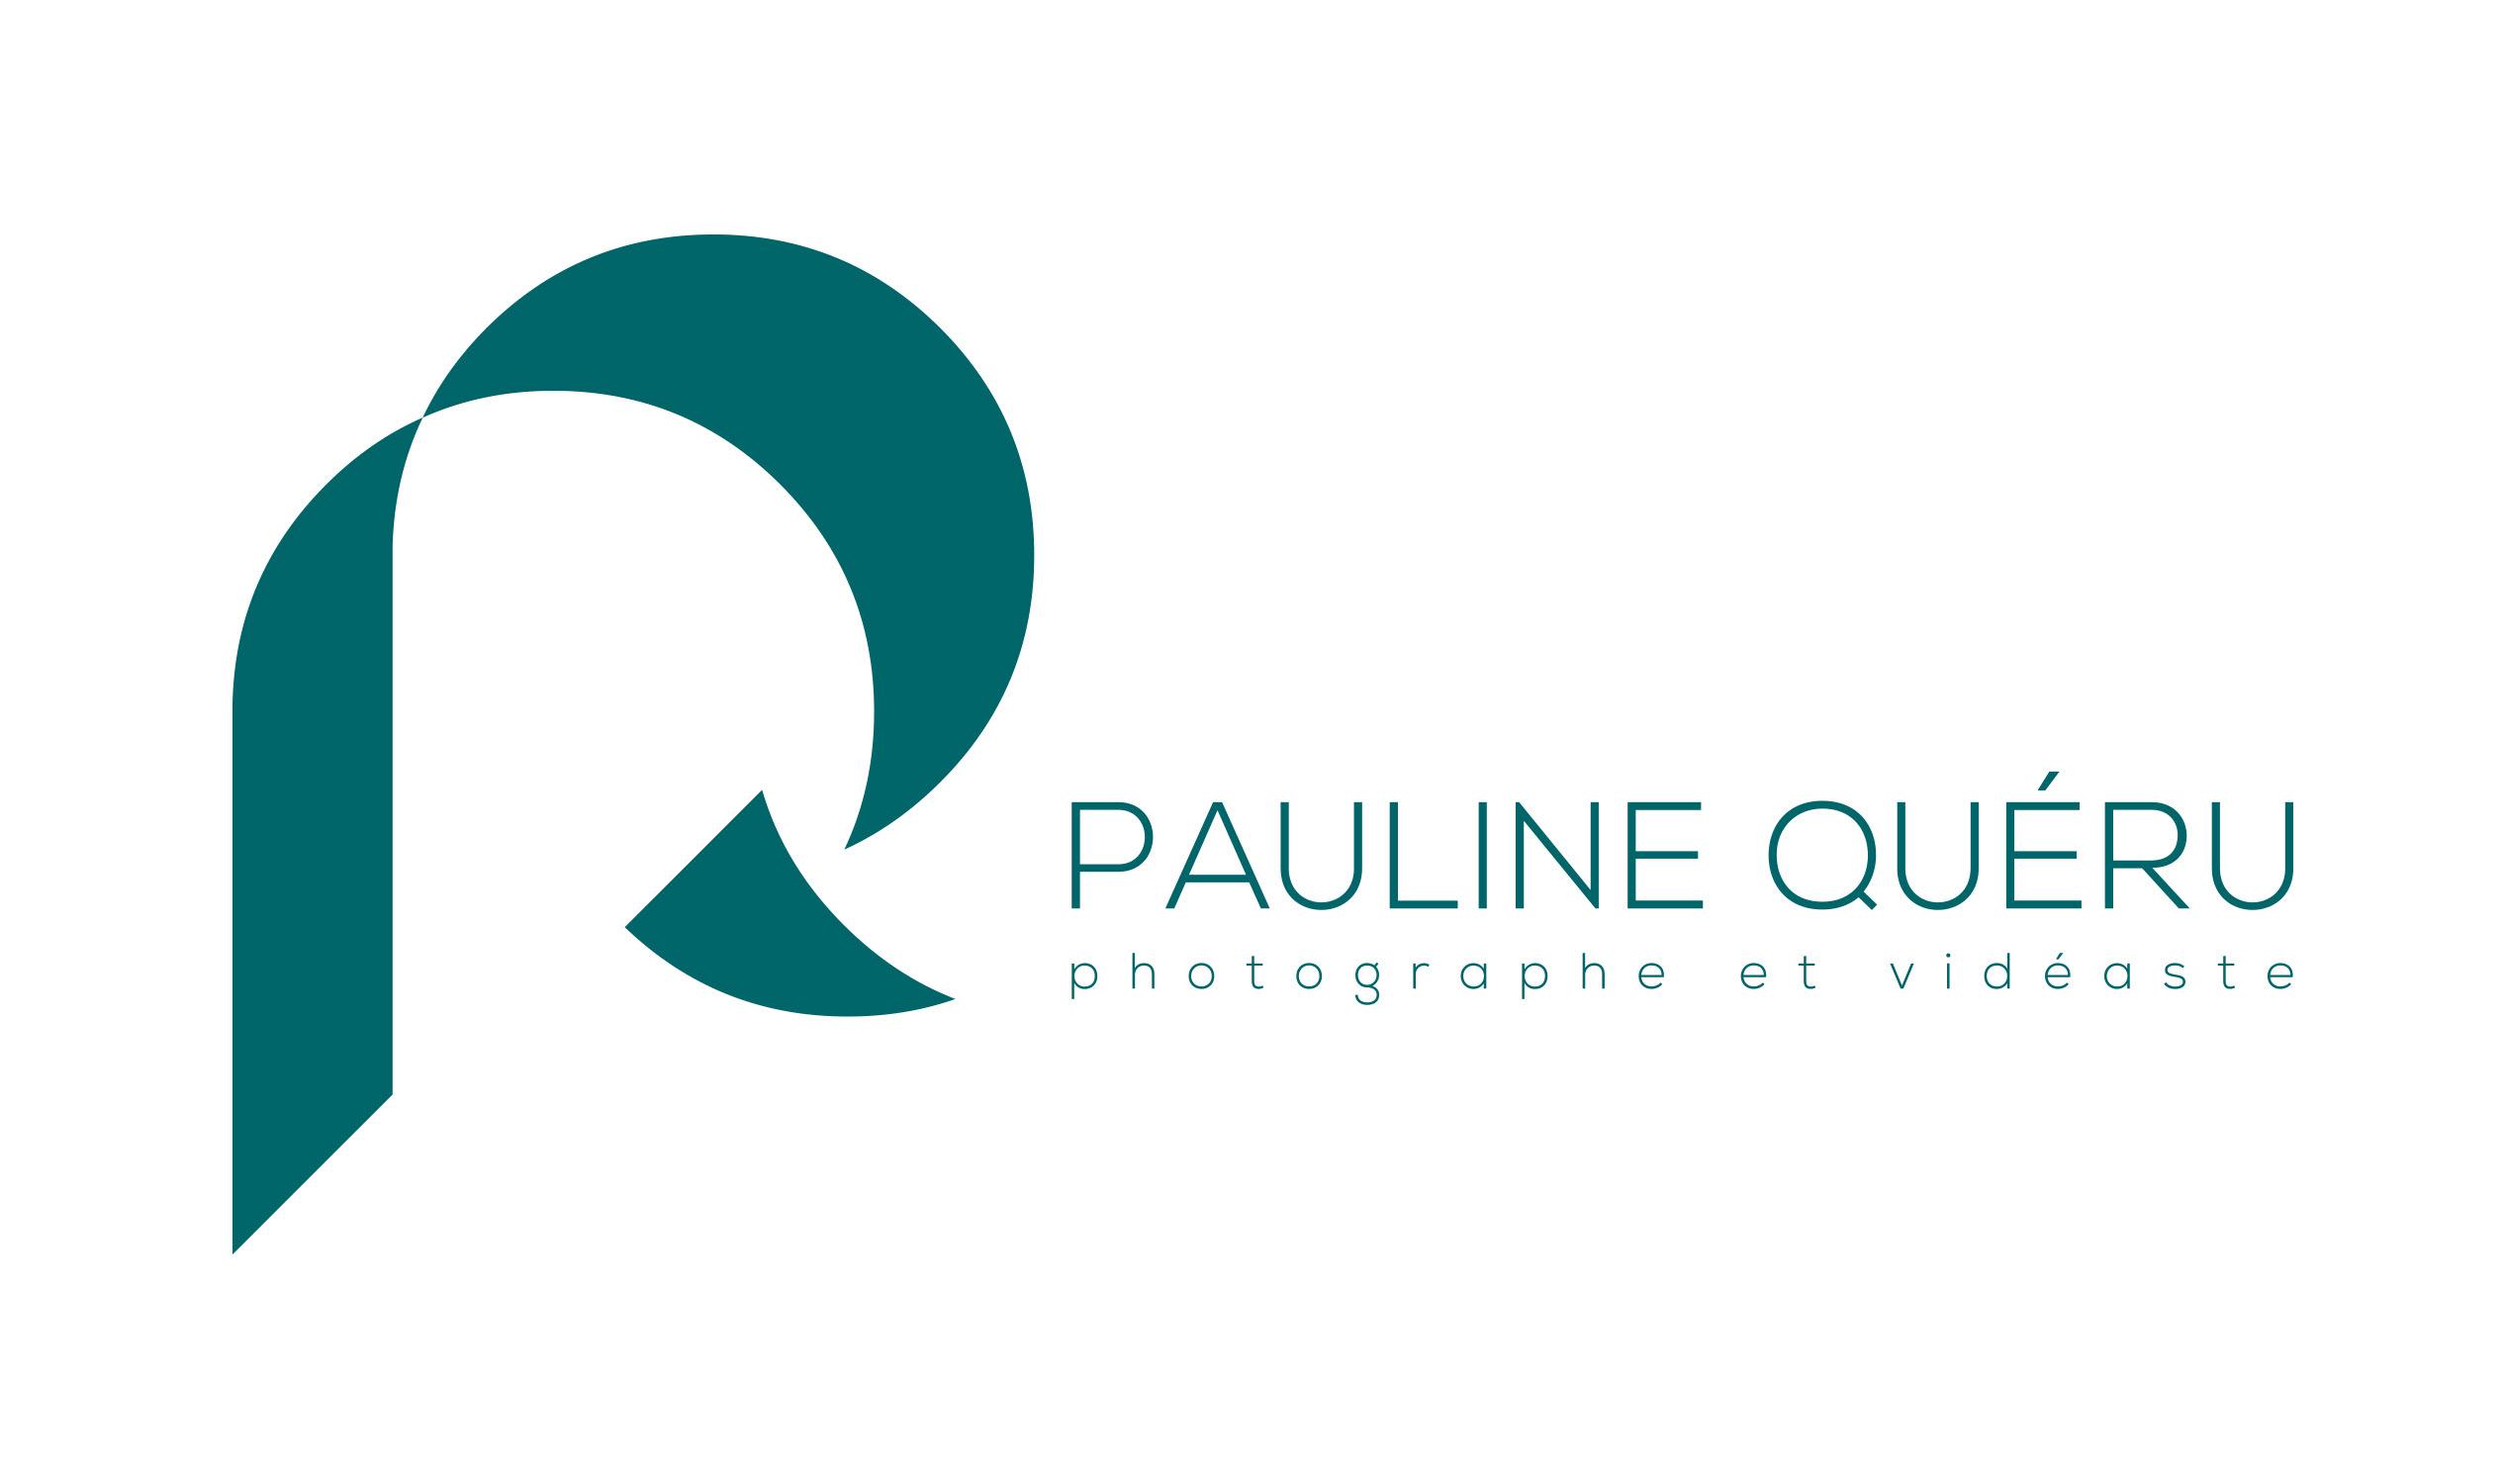 Pauline Queru